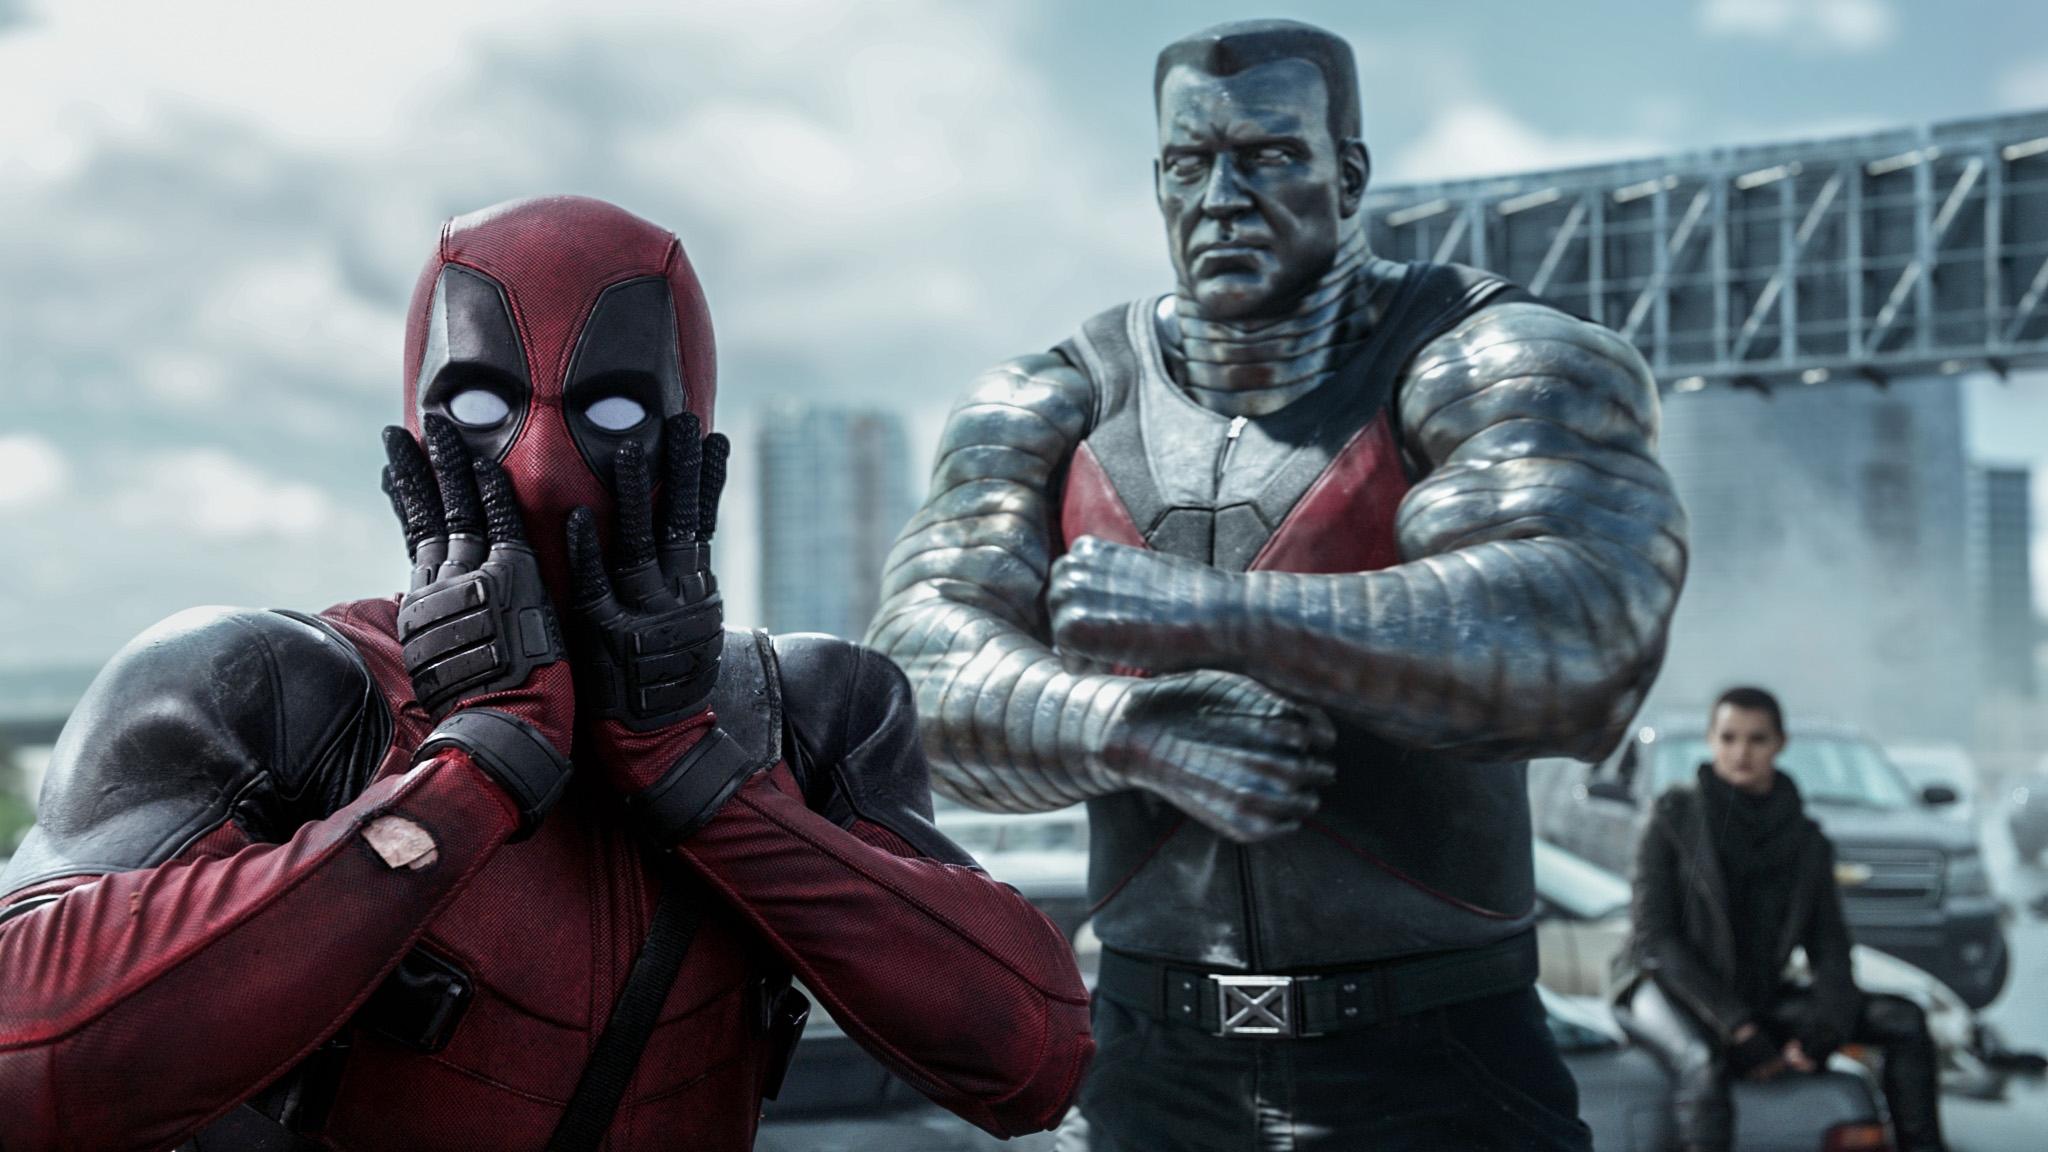 Deadpool at the Oscars?!?